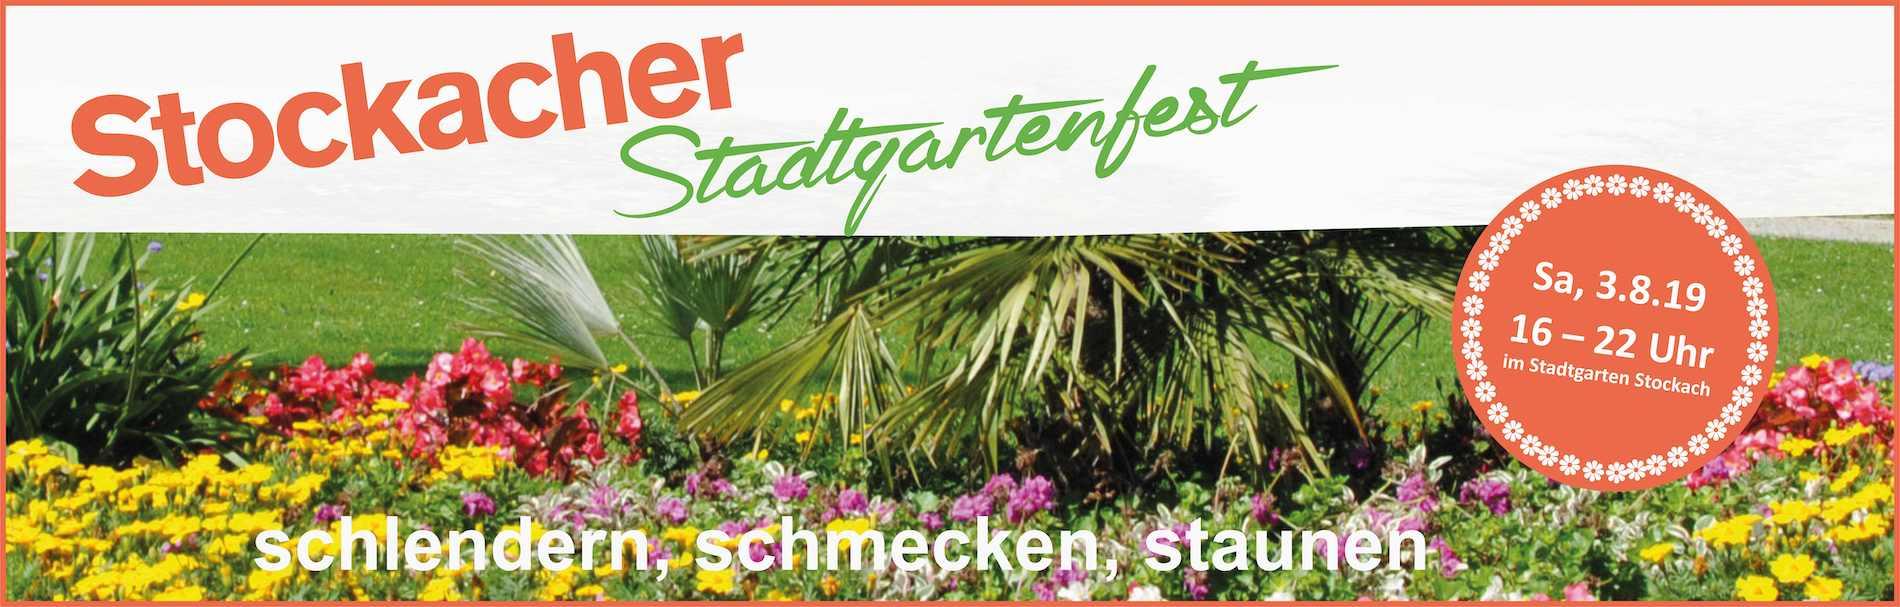 Stockach_Stadtgartenfest-19